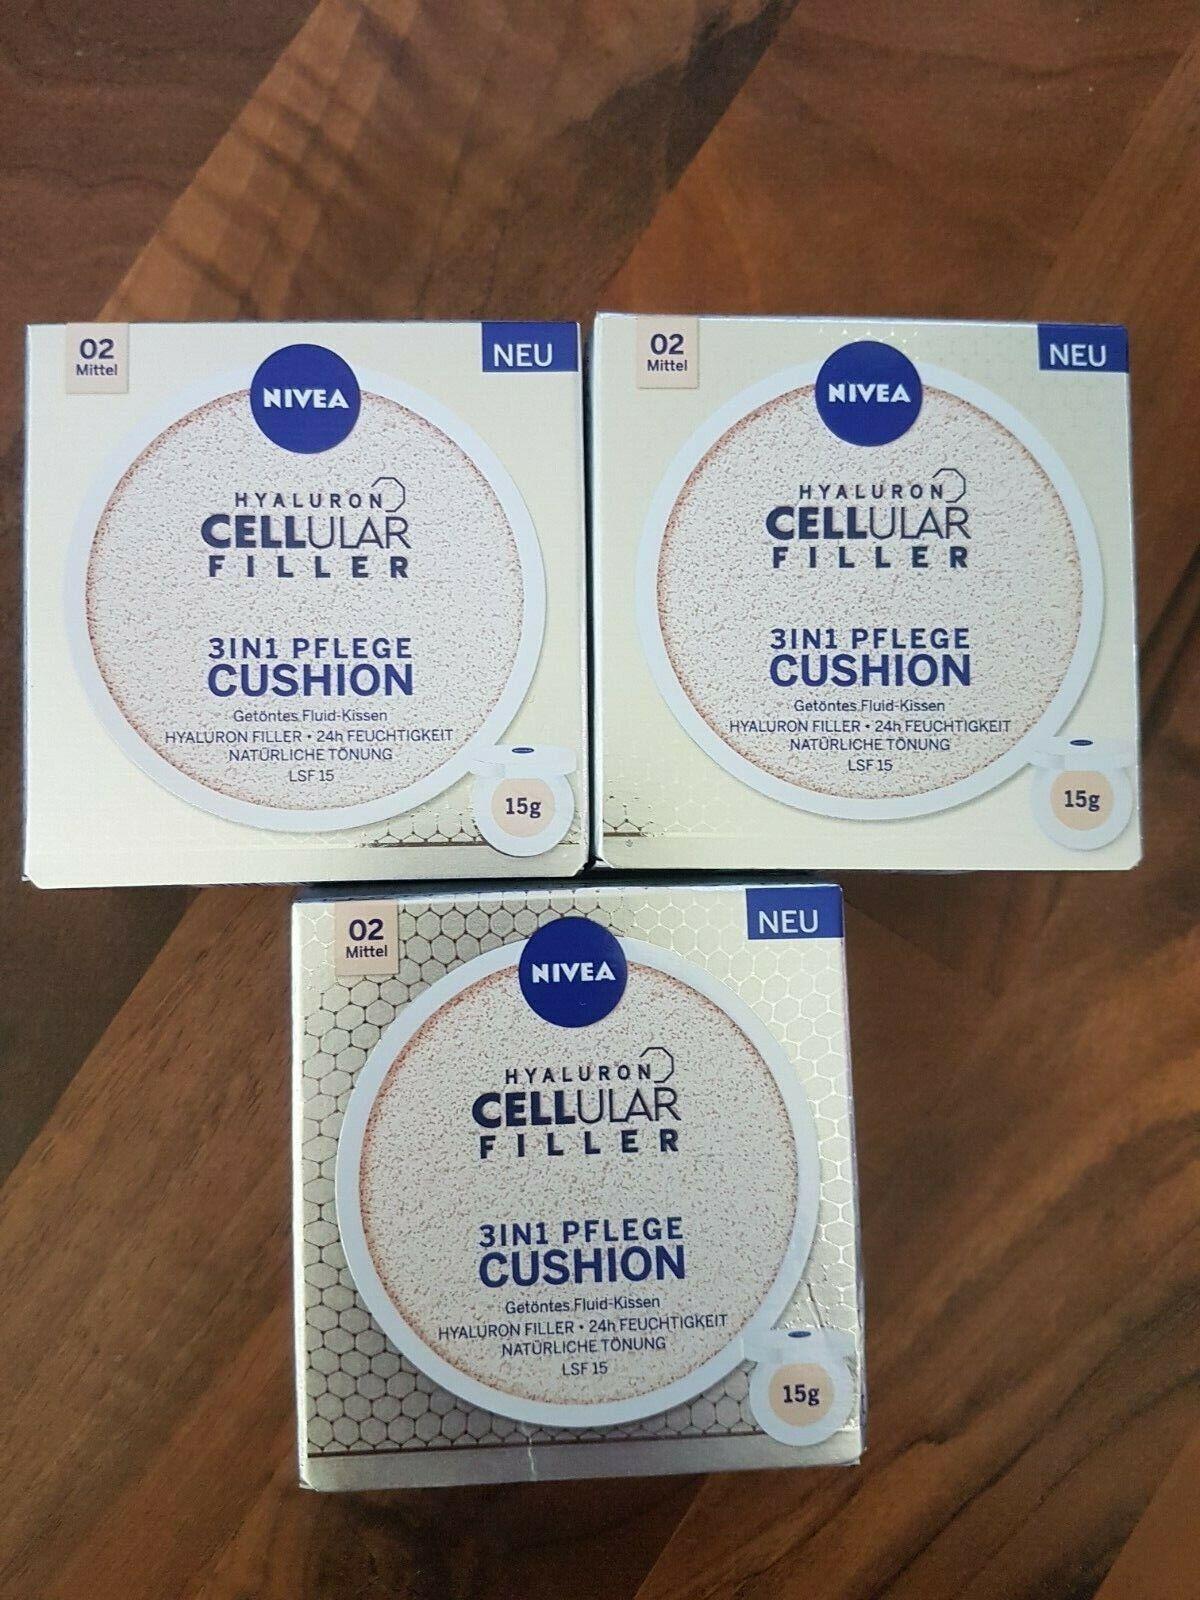 Nivea Hyaluron Cellular Filler 3in1 Pflege Cushion Make-up Foundation 02 mittel